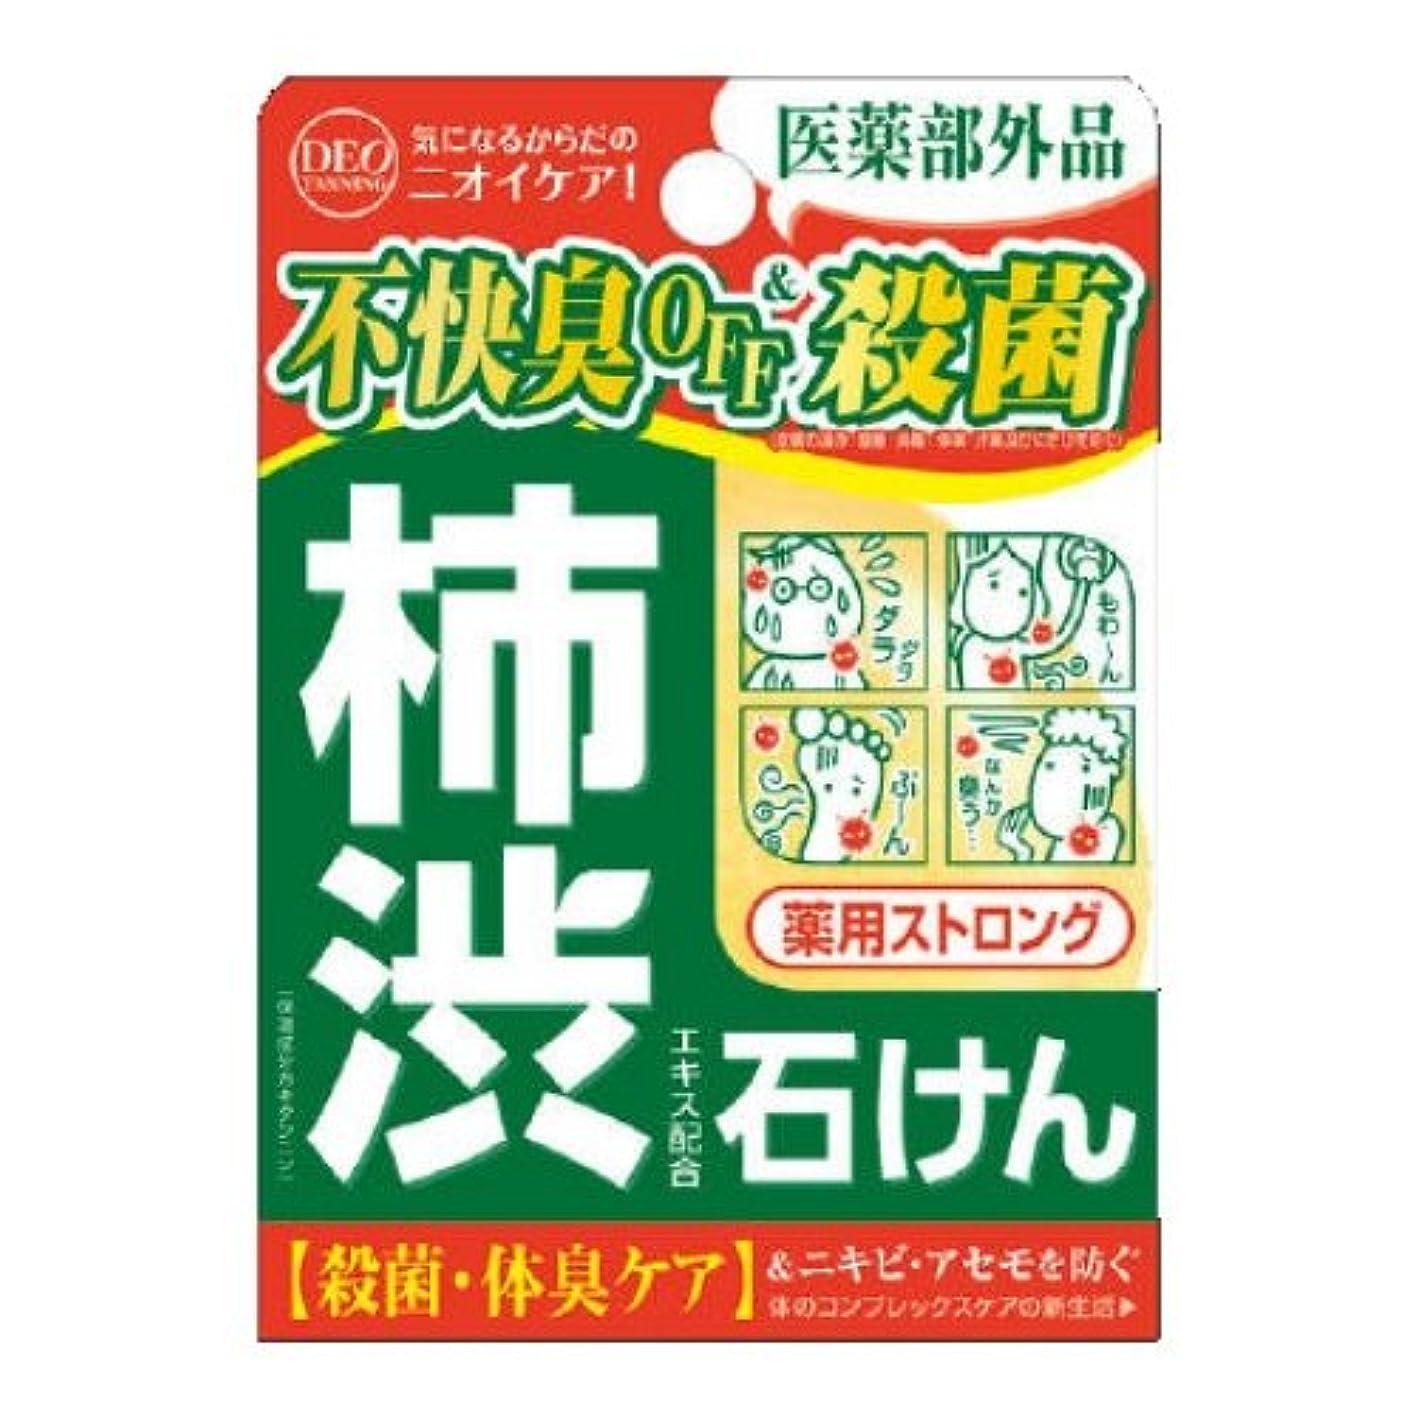 戸棚戦闘良いデオタンニング 薬用ストロング ソープ 100g (医薬部外品)